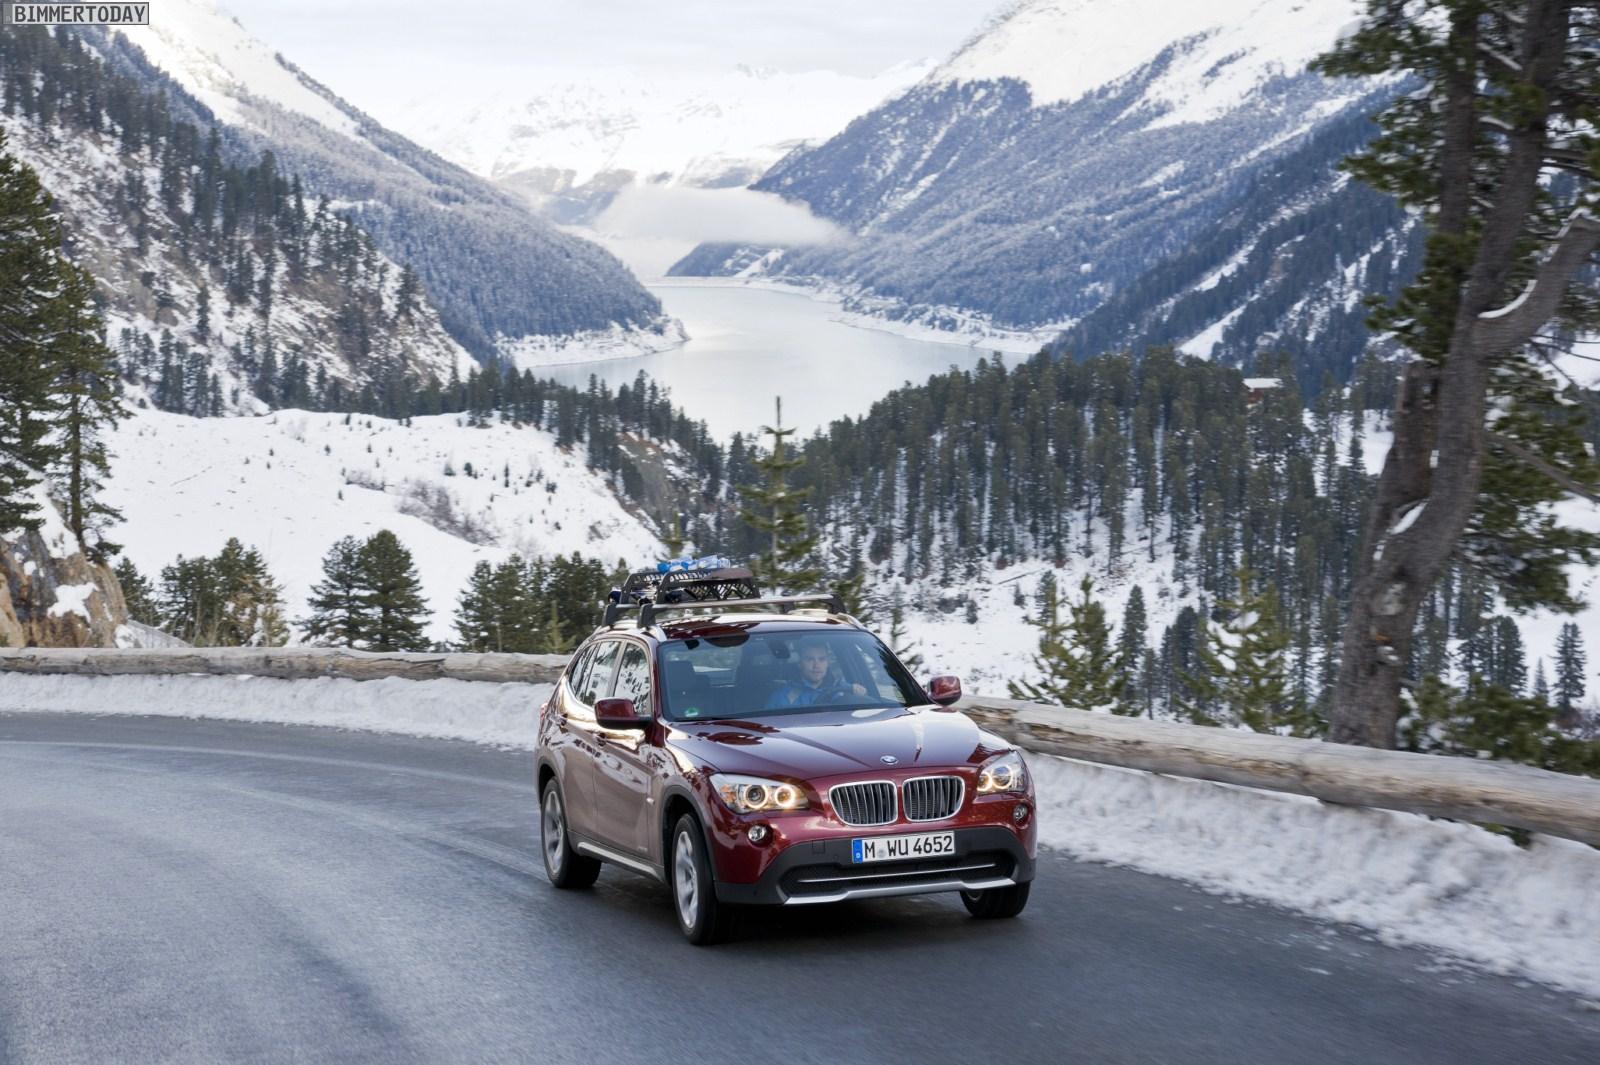 BMW X1 E84 xDrive28i 2011 Exterieur 01